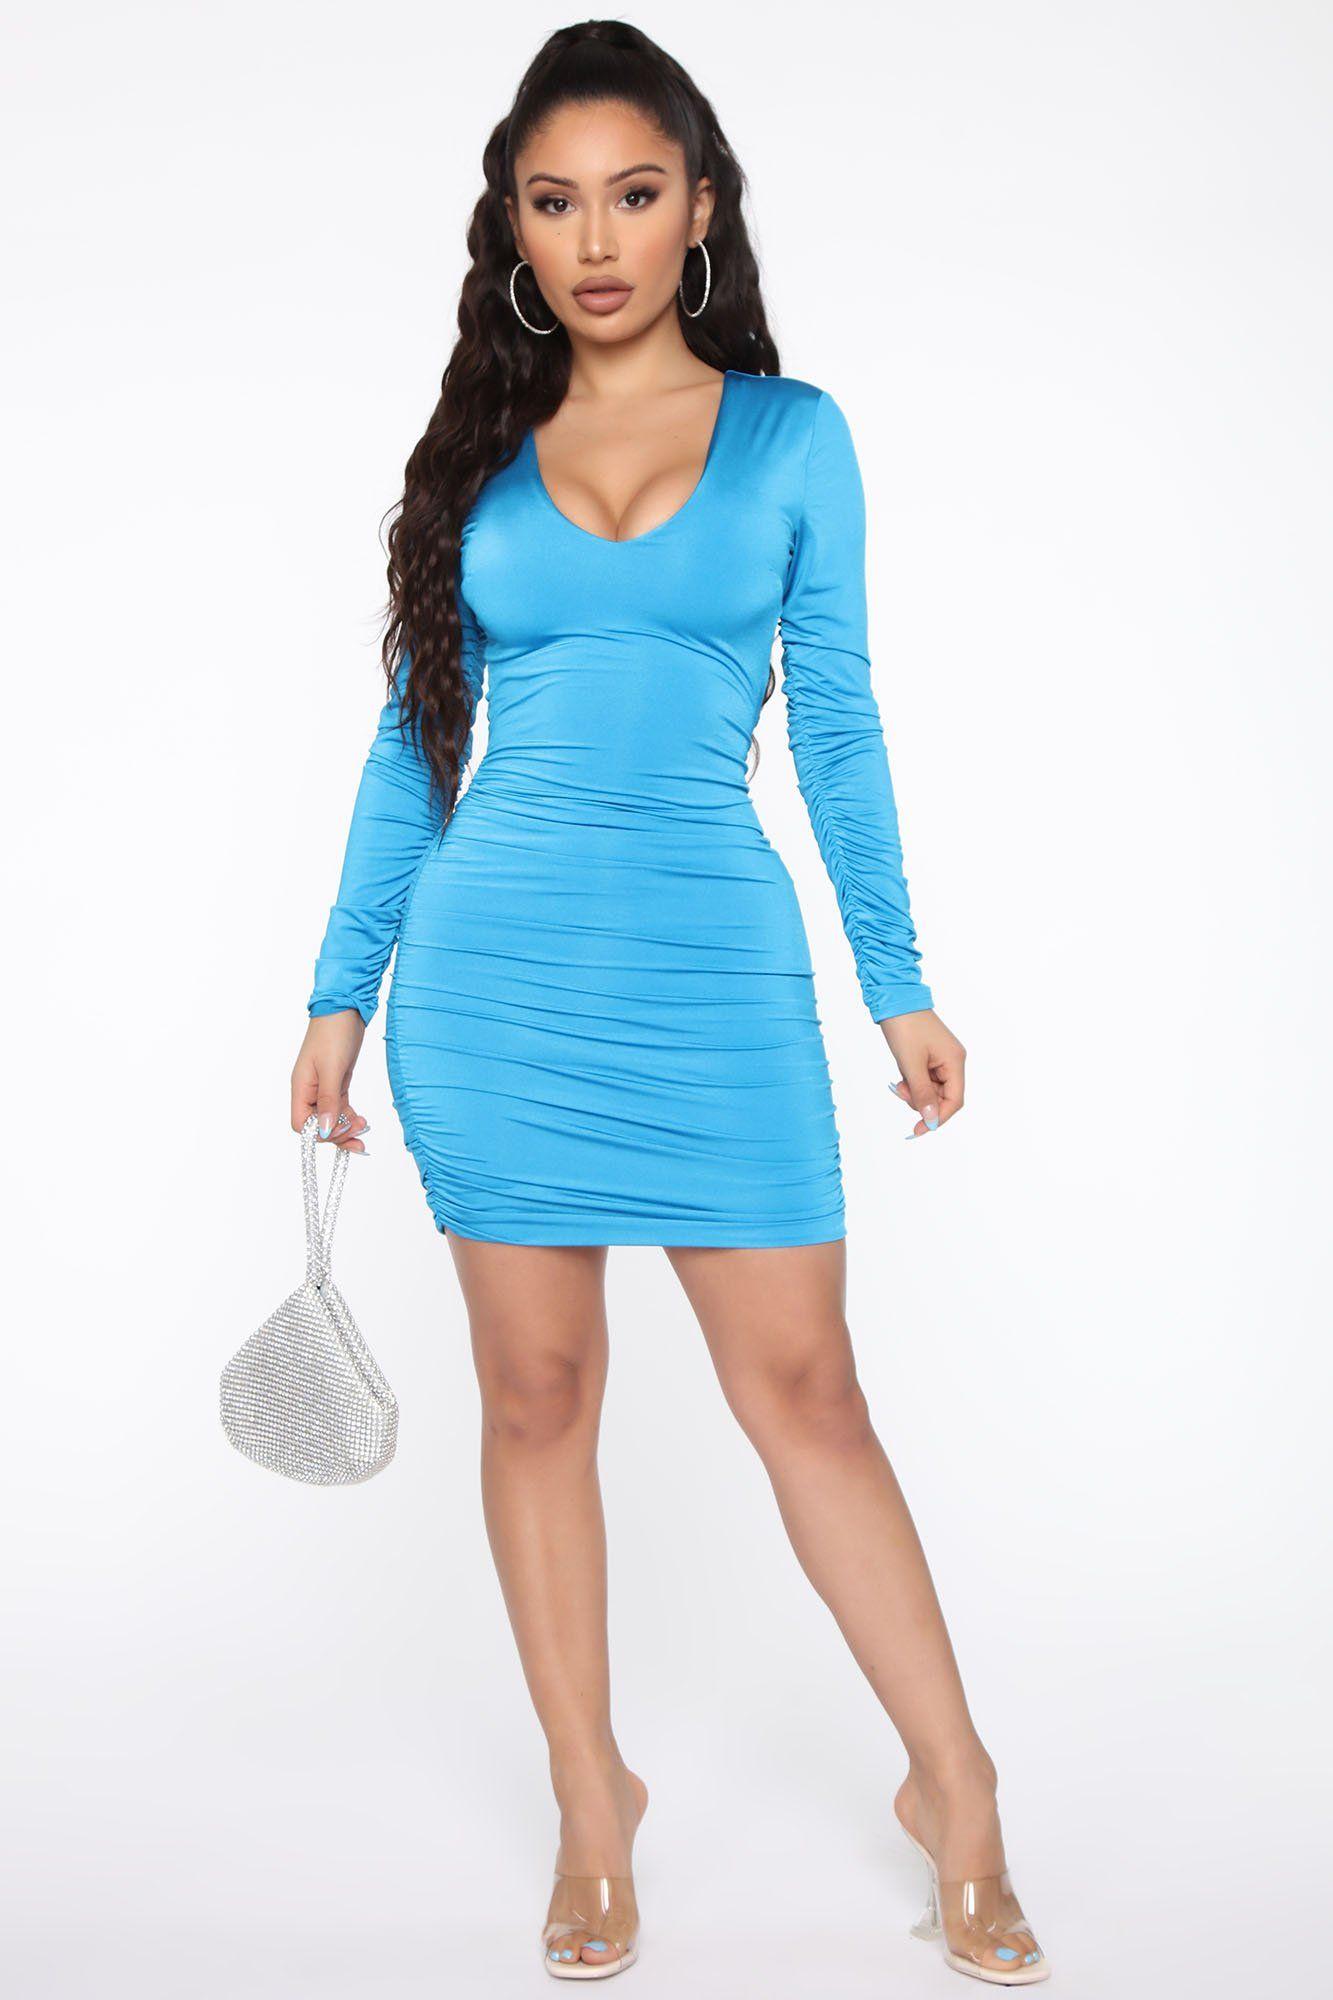 Let S Lace Up Mini Dress Turquoise Mini Dress Turquoise Fashion Fashion Nova Dress [ 2000 x 1333 Pixel ]